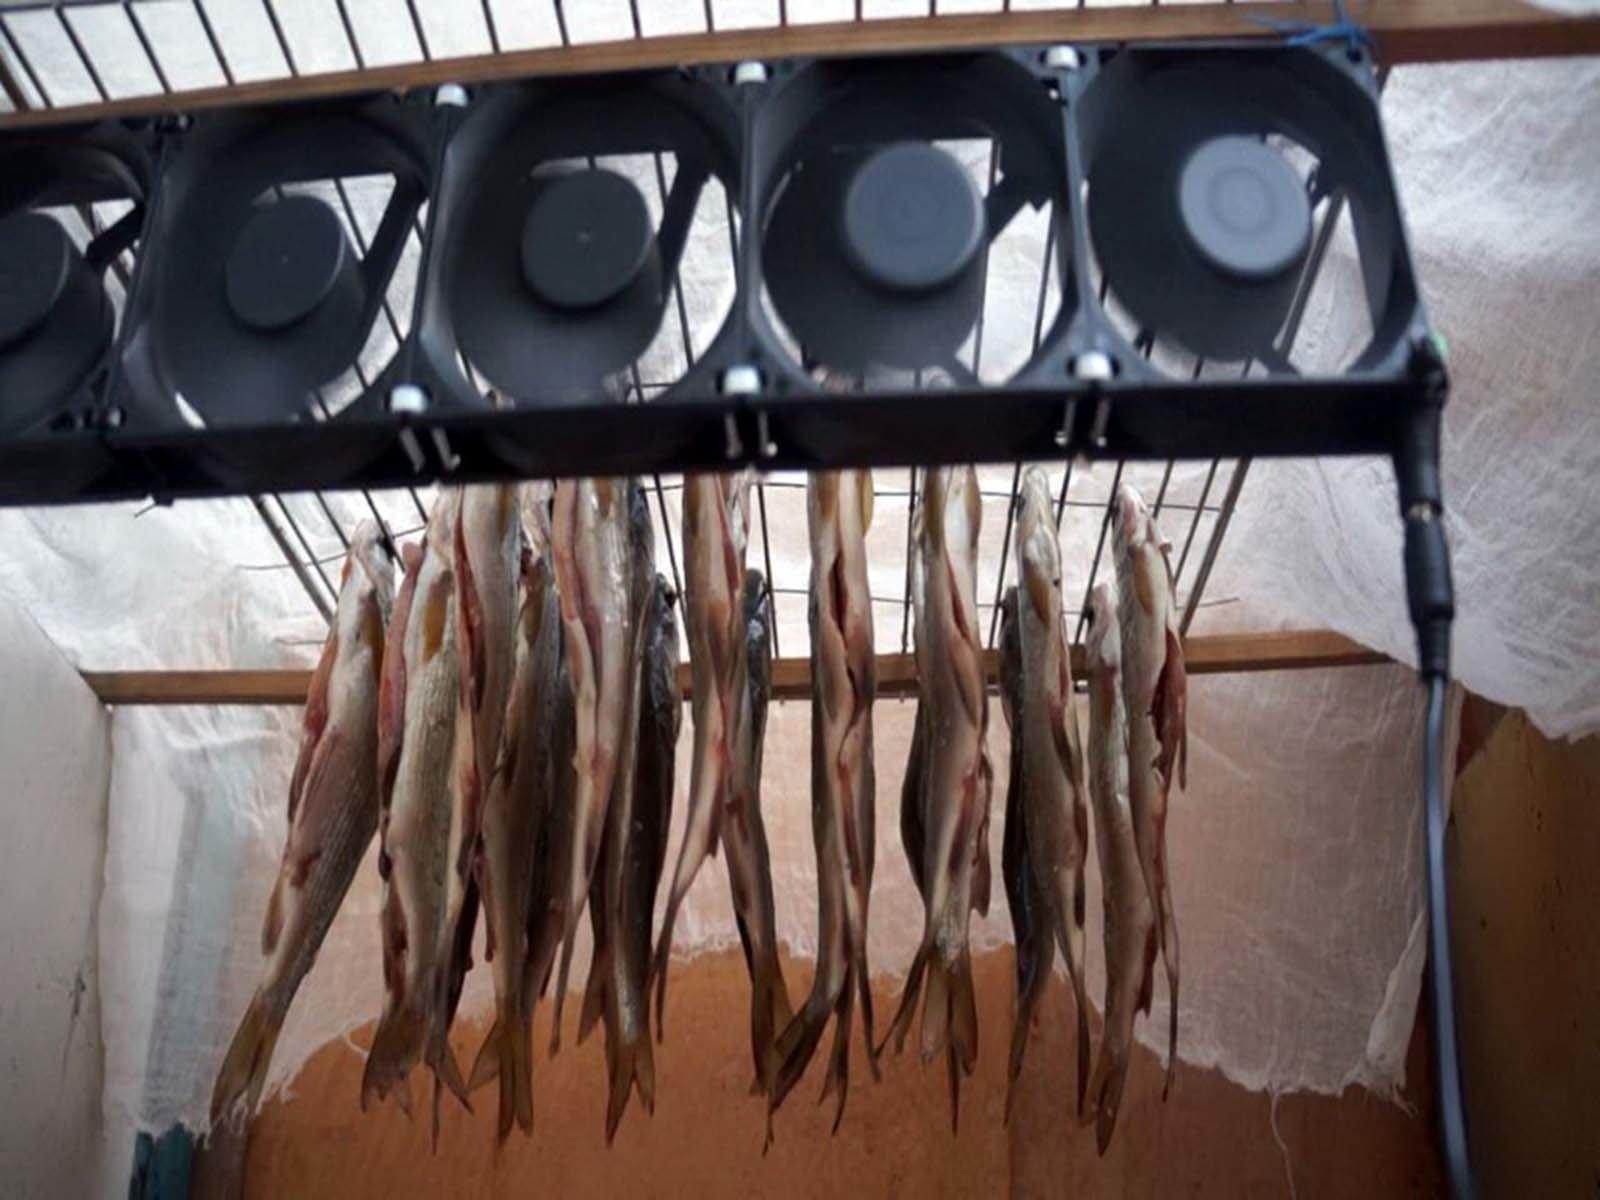 Так выгляди сушилка для рыбы и мяса с вентилятором